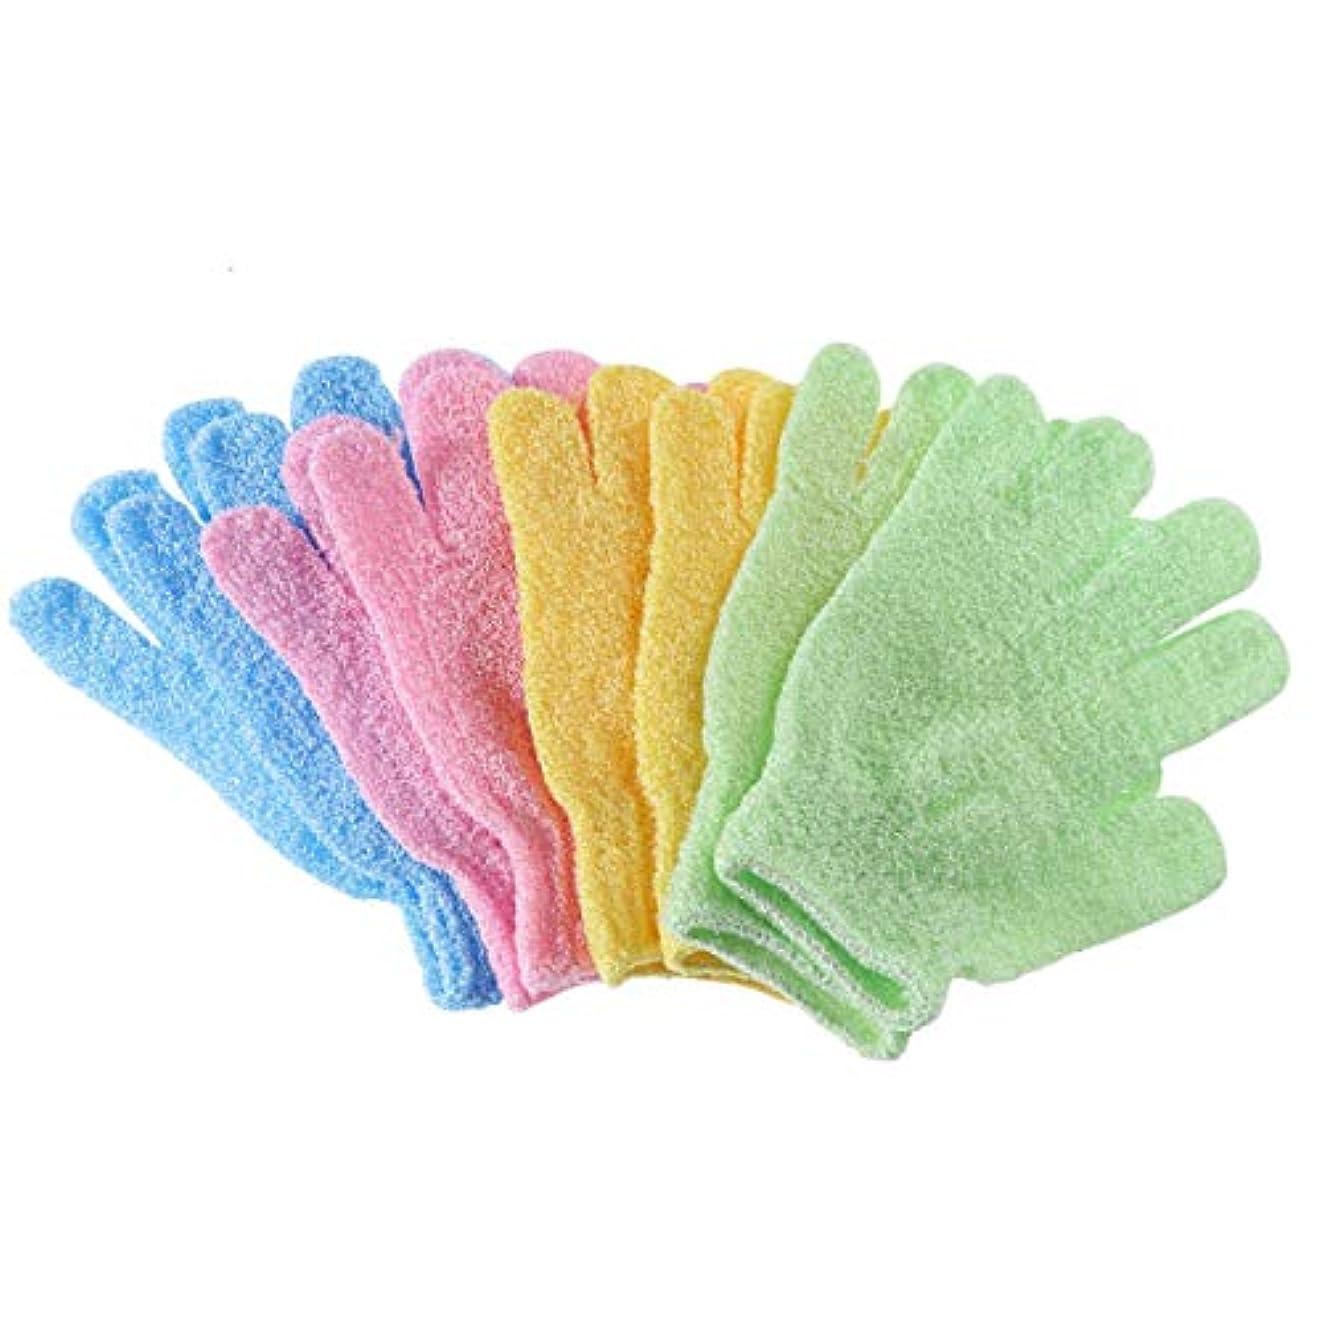 価値のない鼻企業Frcolor シャワーバスグローブ 沐浴手袋 ナイロン ボディスクラブ エクスフォリエーター 4ペア入 ランダムカラー